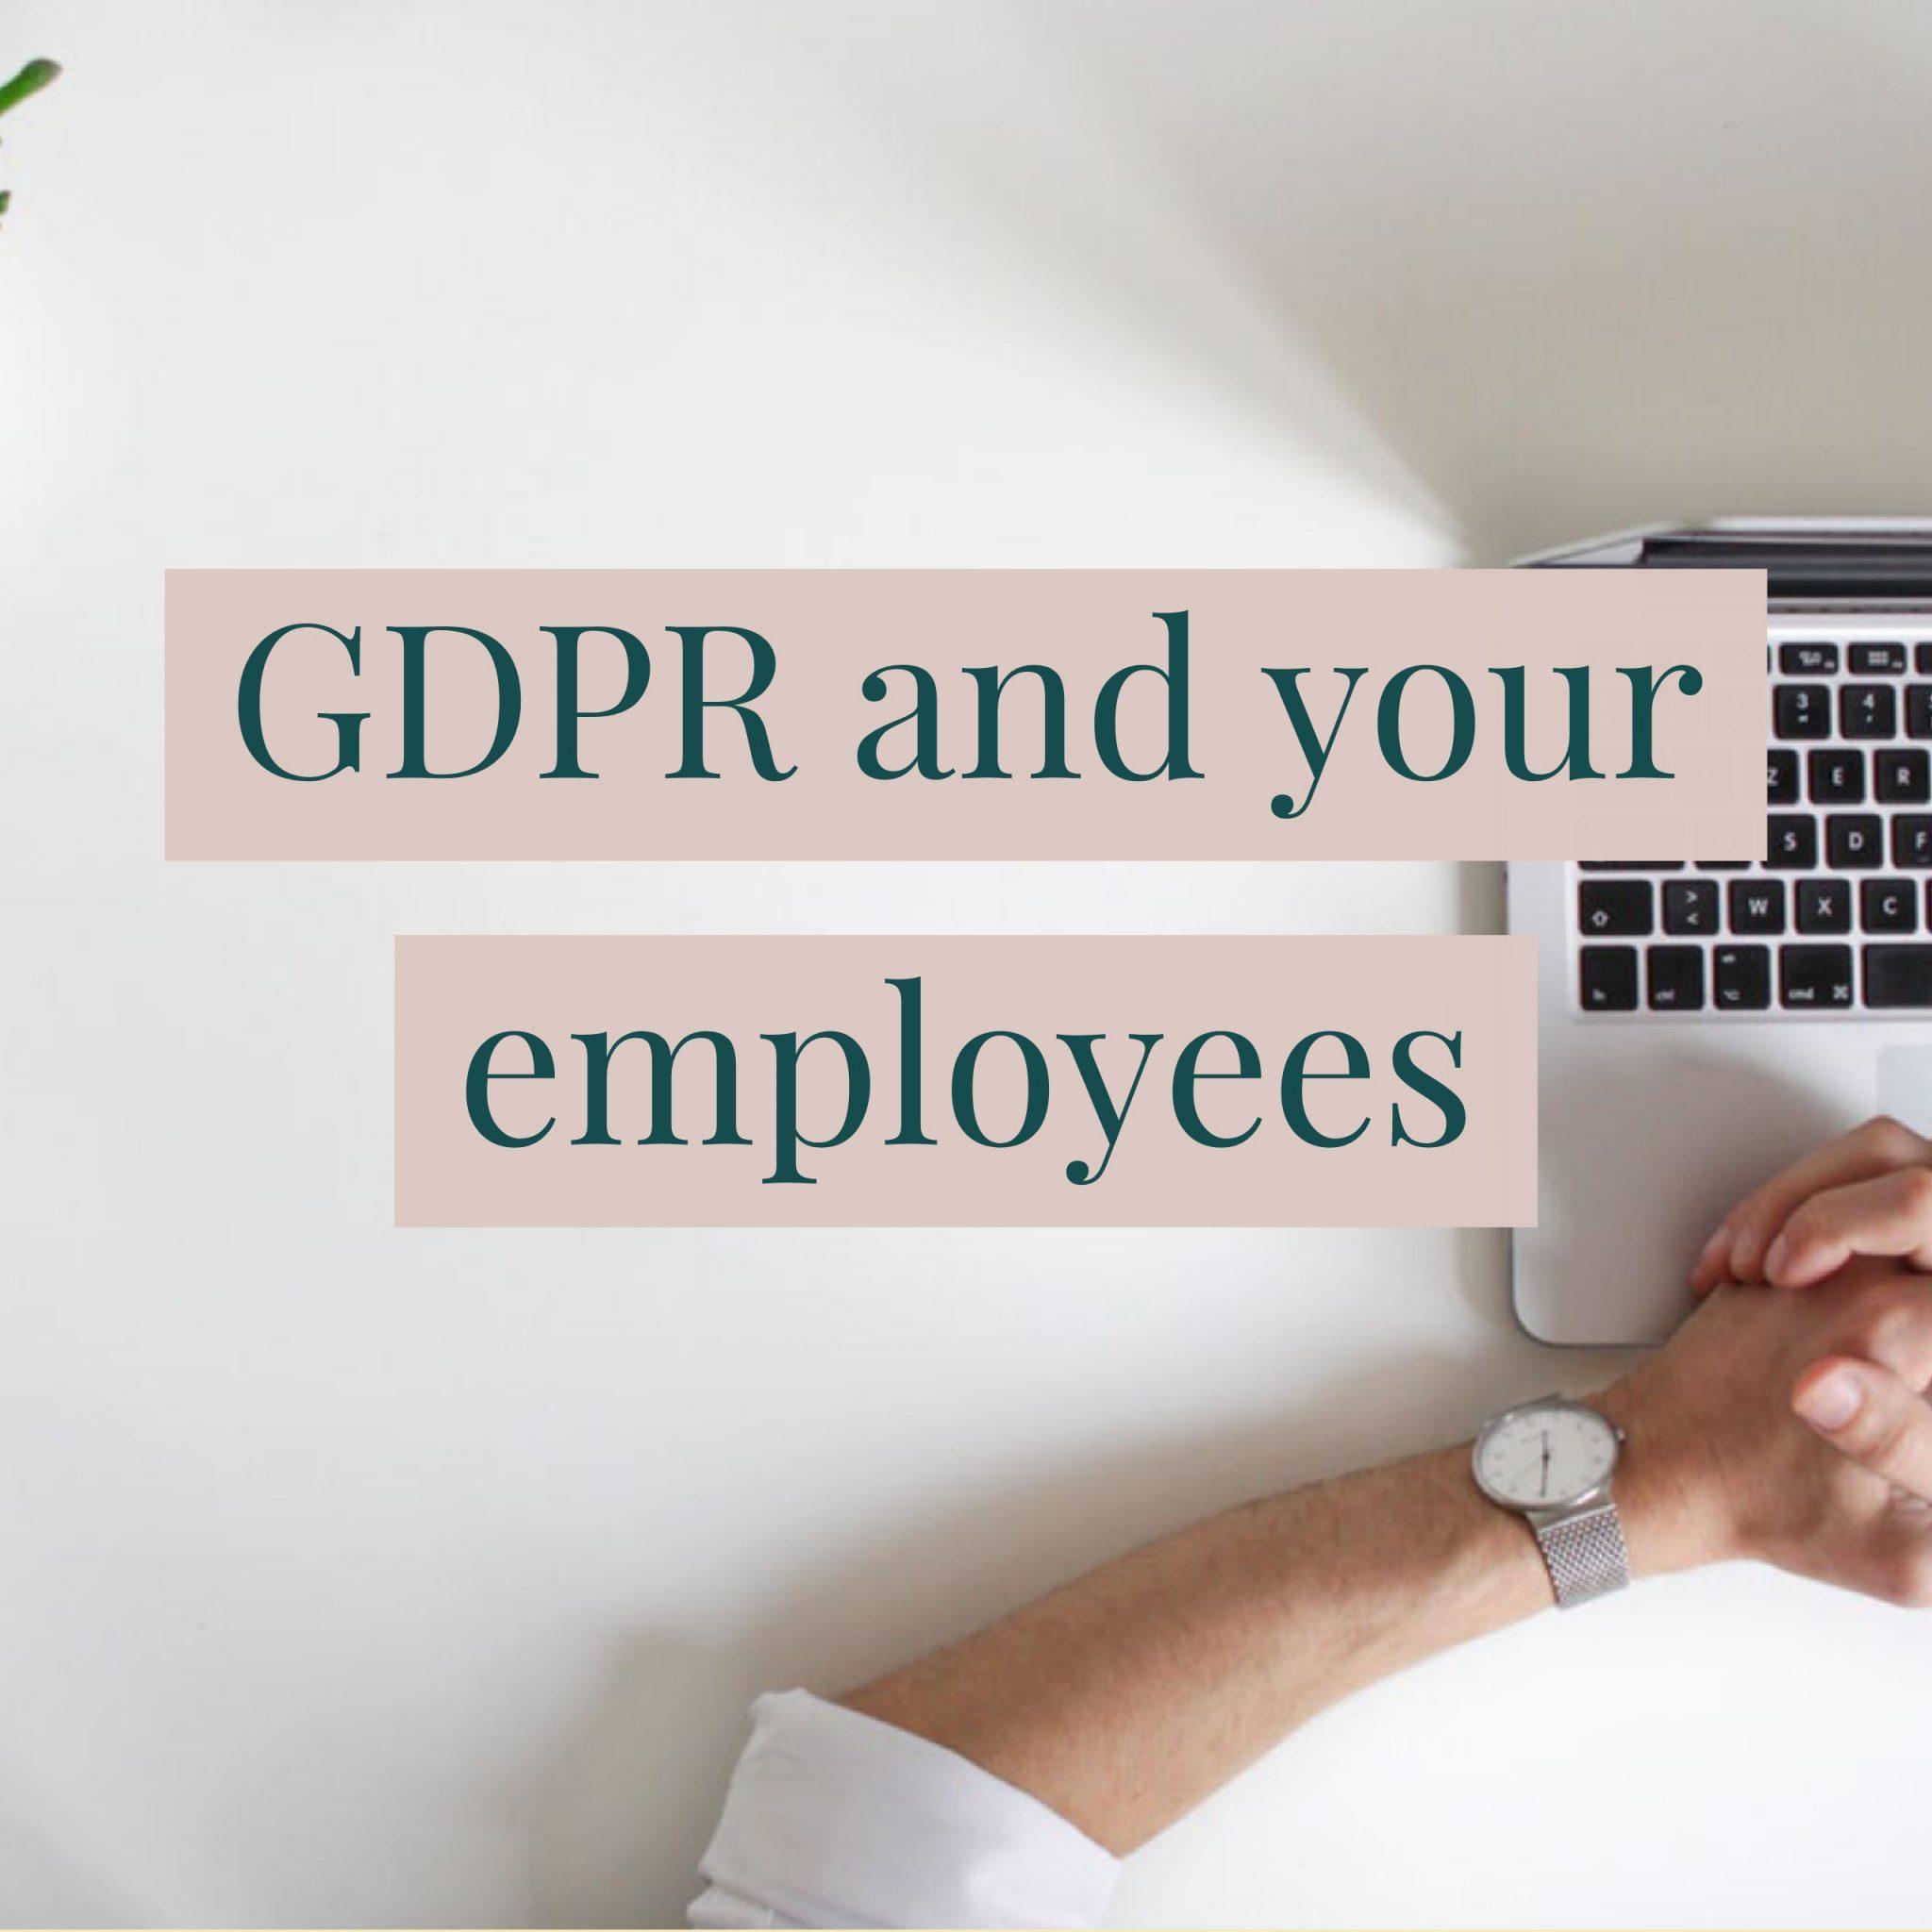 Zaštita osobnih podataka i privatnosti na radnom mjestu